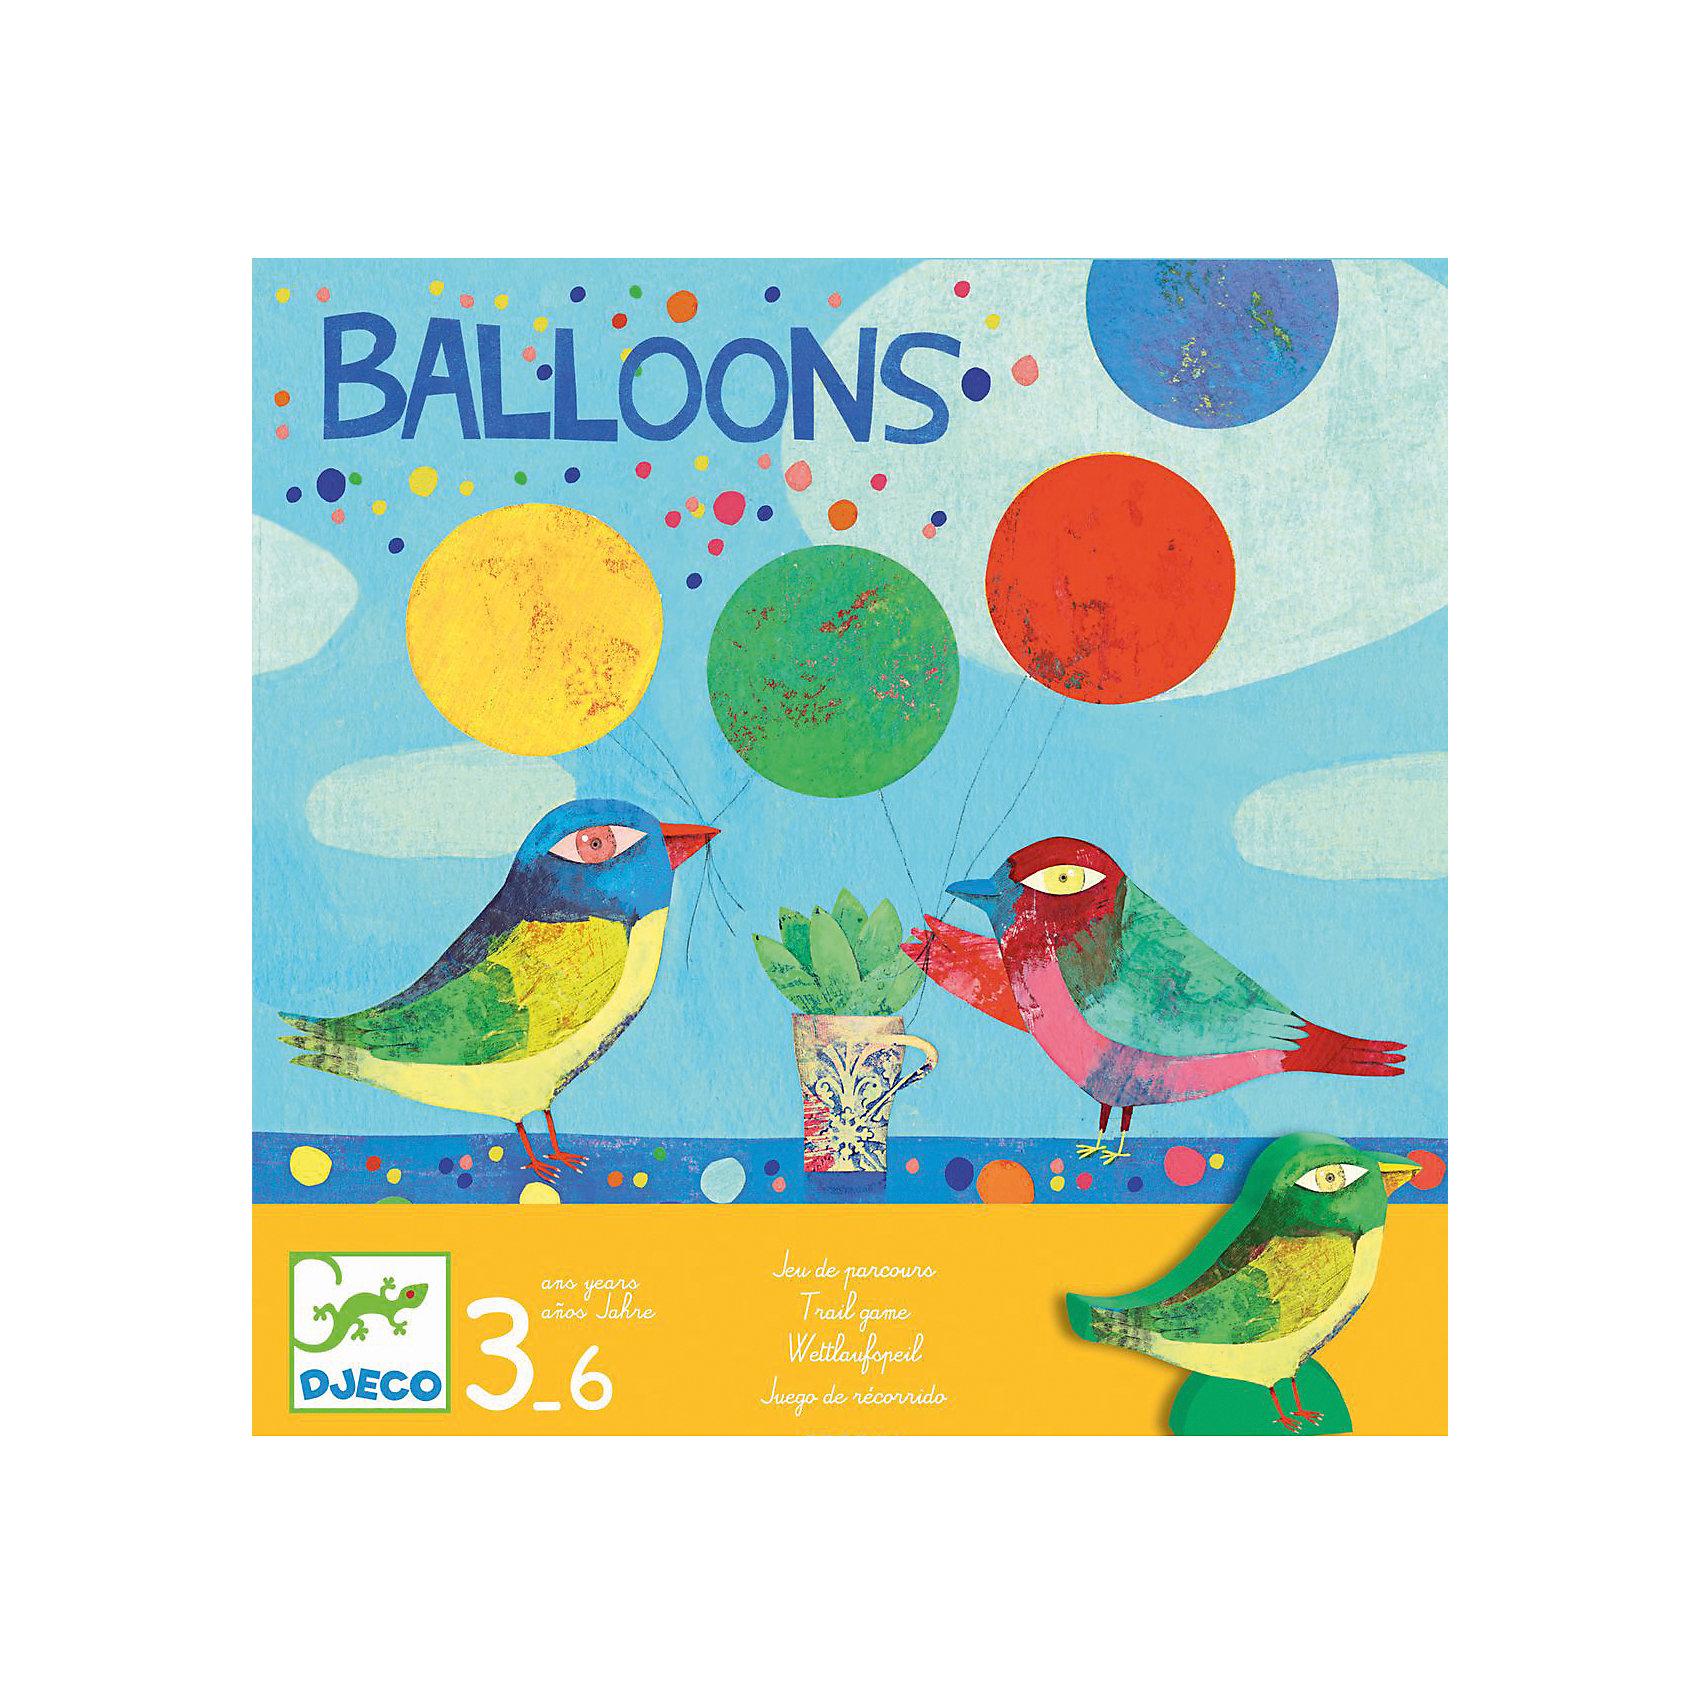 Настольная игра Воздушные шары, DJECOРазвивающие игры<br>Настольная игра Воздушные шары от известного французского производителя Djeco – веселая игра для детей возрастом от 3 до 6 лет! <br><br>Птички отправились на поиски воздушных шариков, которые уплыли далеко в небо. Кто из них первым вернет 4 шарика? Первая настольная вашего малыша от Djeco запомнится ему благодаря уникальному дизайну и простым, но одновременно увлекательным правилам! <br><br>Игра развивает логическое мышление детей, воображение, внимание. <br><br>Количество игроков: 3-6 человек. <br>Примерное время игры: 5 минут.<br><br>Ширина мм: 220<br>Глубина мм: 220<br>Высота мм: 60<br>Вес г: 560<br>Возраст от месяцев: 36<br>Возраст до месяцев: 1188<br>Пол: Унисекс<br>Возраст: Детский<br>SKU: 4761470